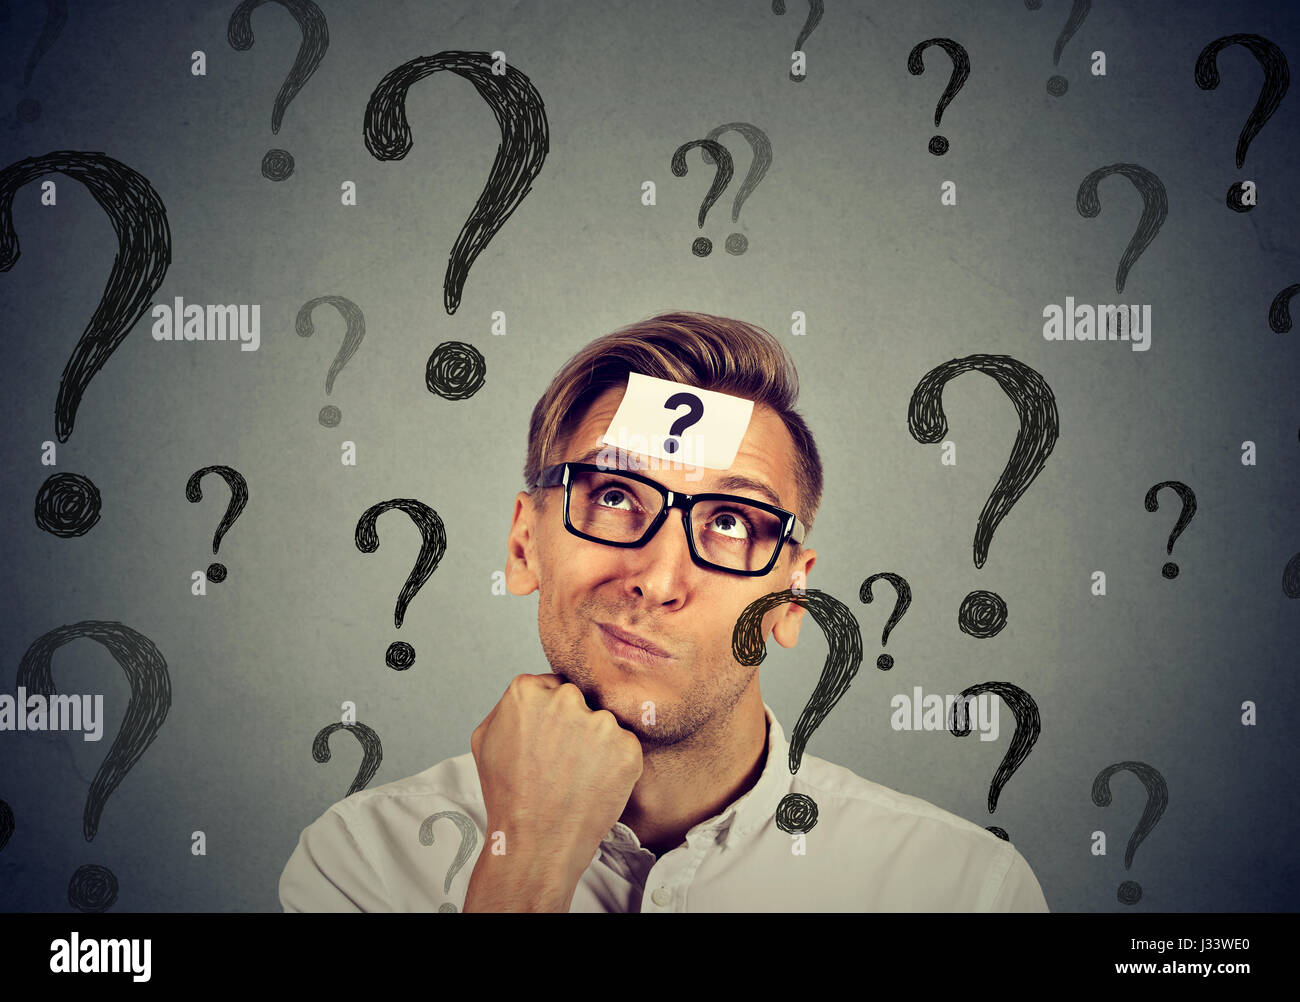 Riflessivo confuso uomo bello ha troppe domande e nessuna risposta Immagini Stock